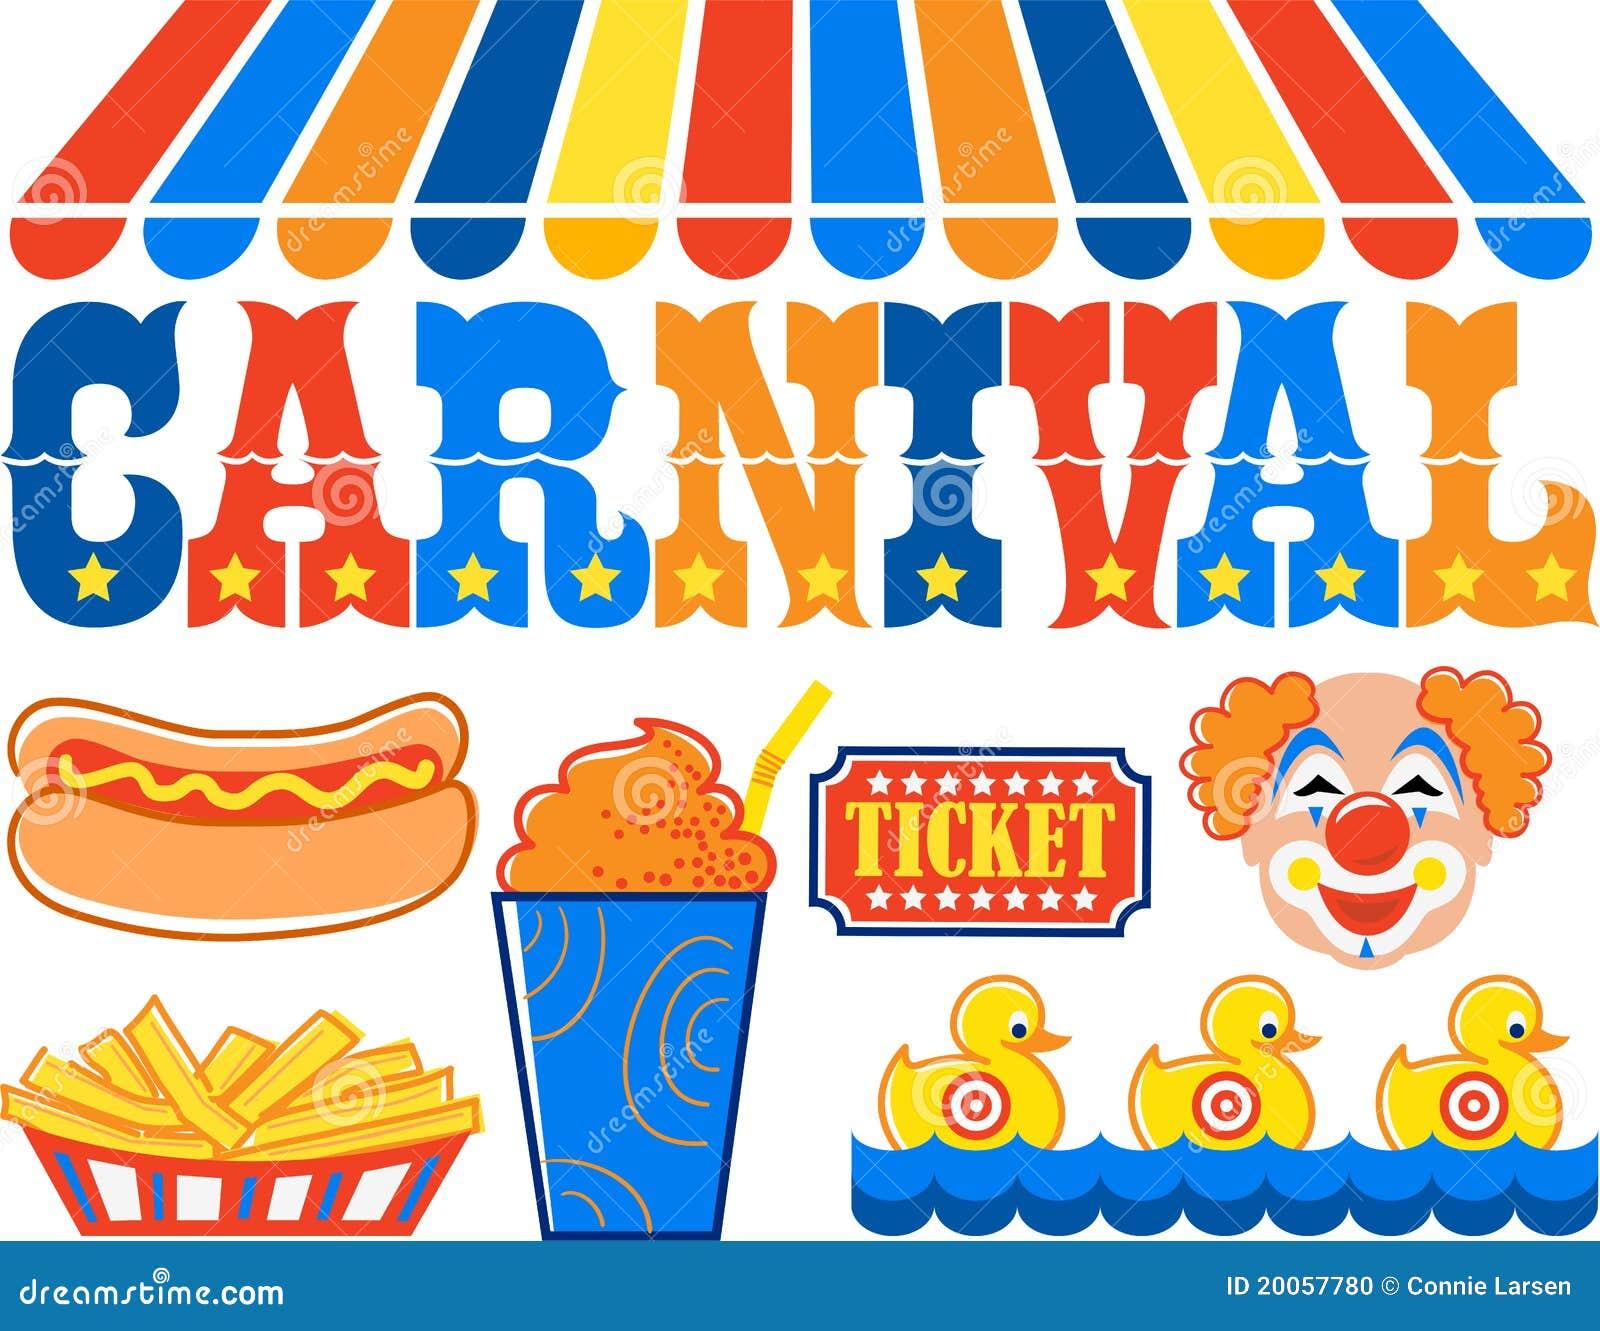 Carnival Cliparteps  Carnival